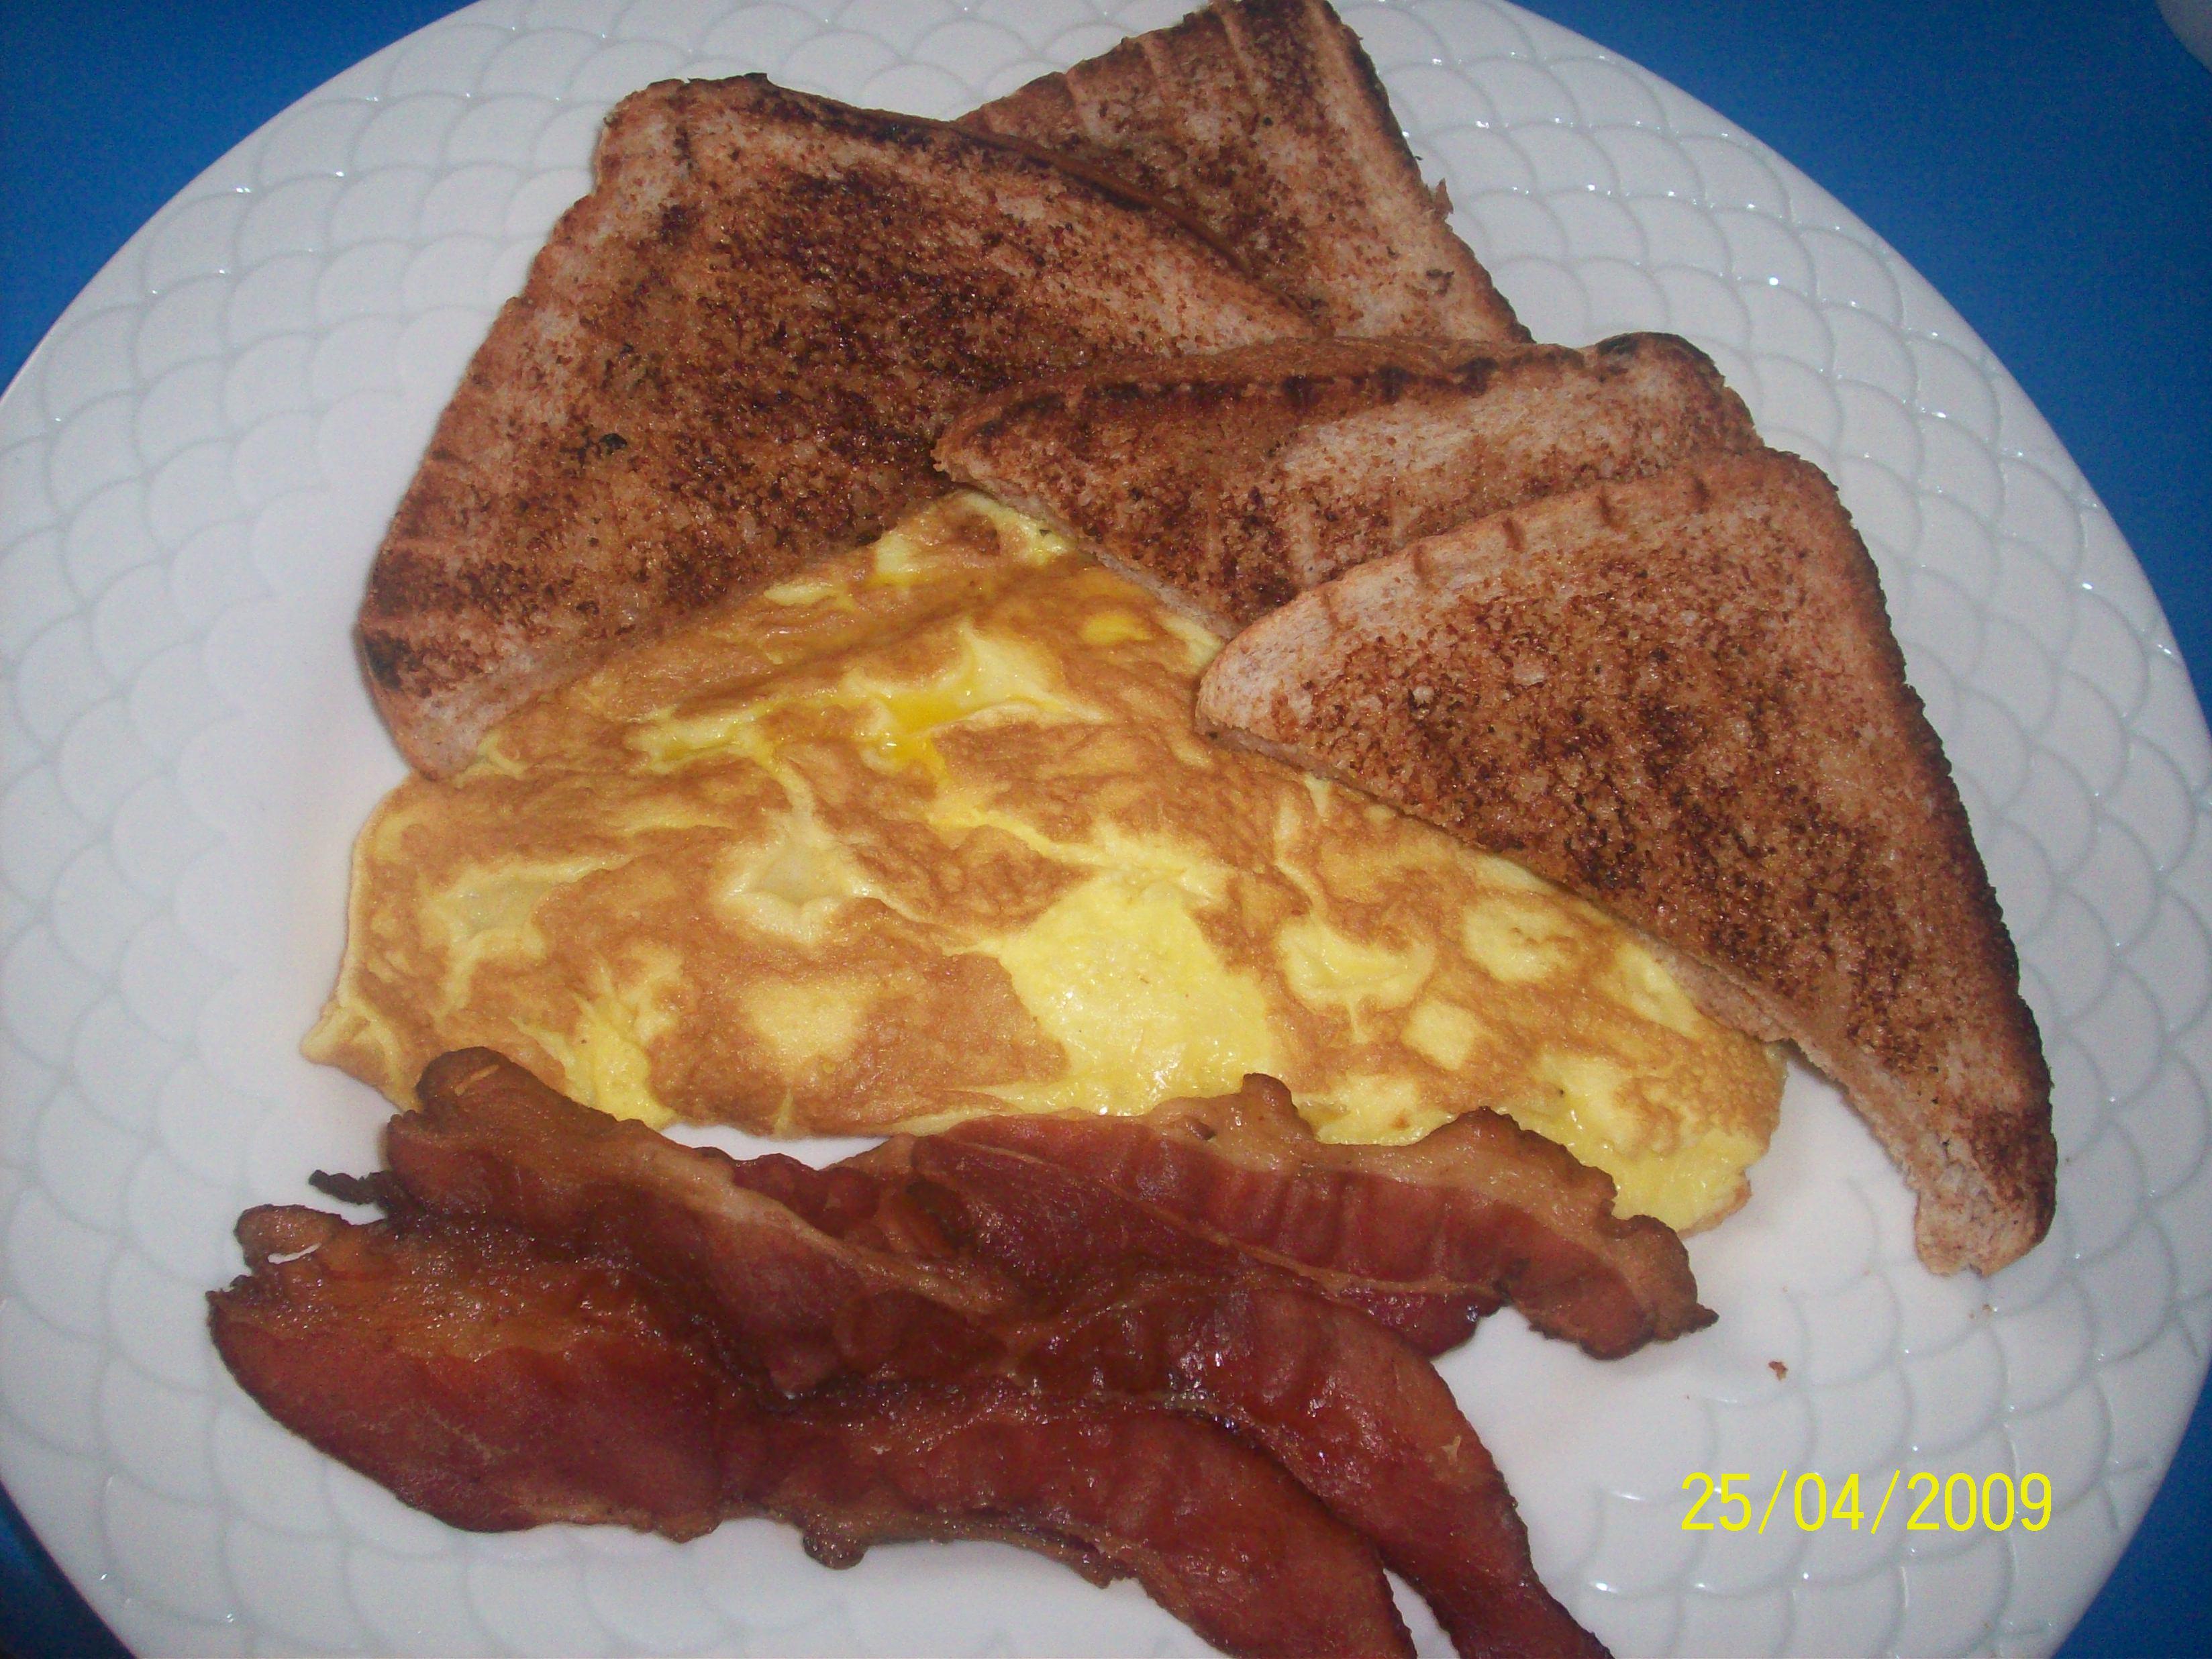 https://foodloader.net/cutie_2009-04-25_Breakfast1.jpg